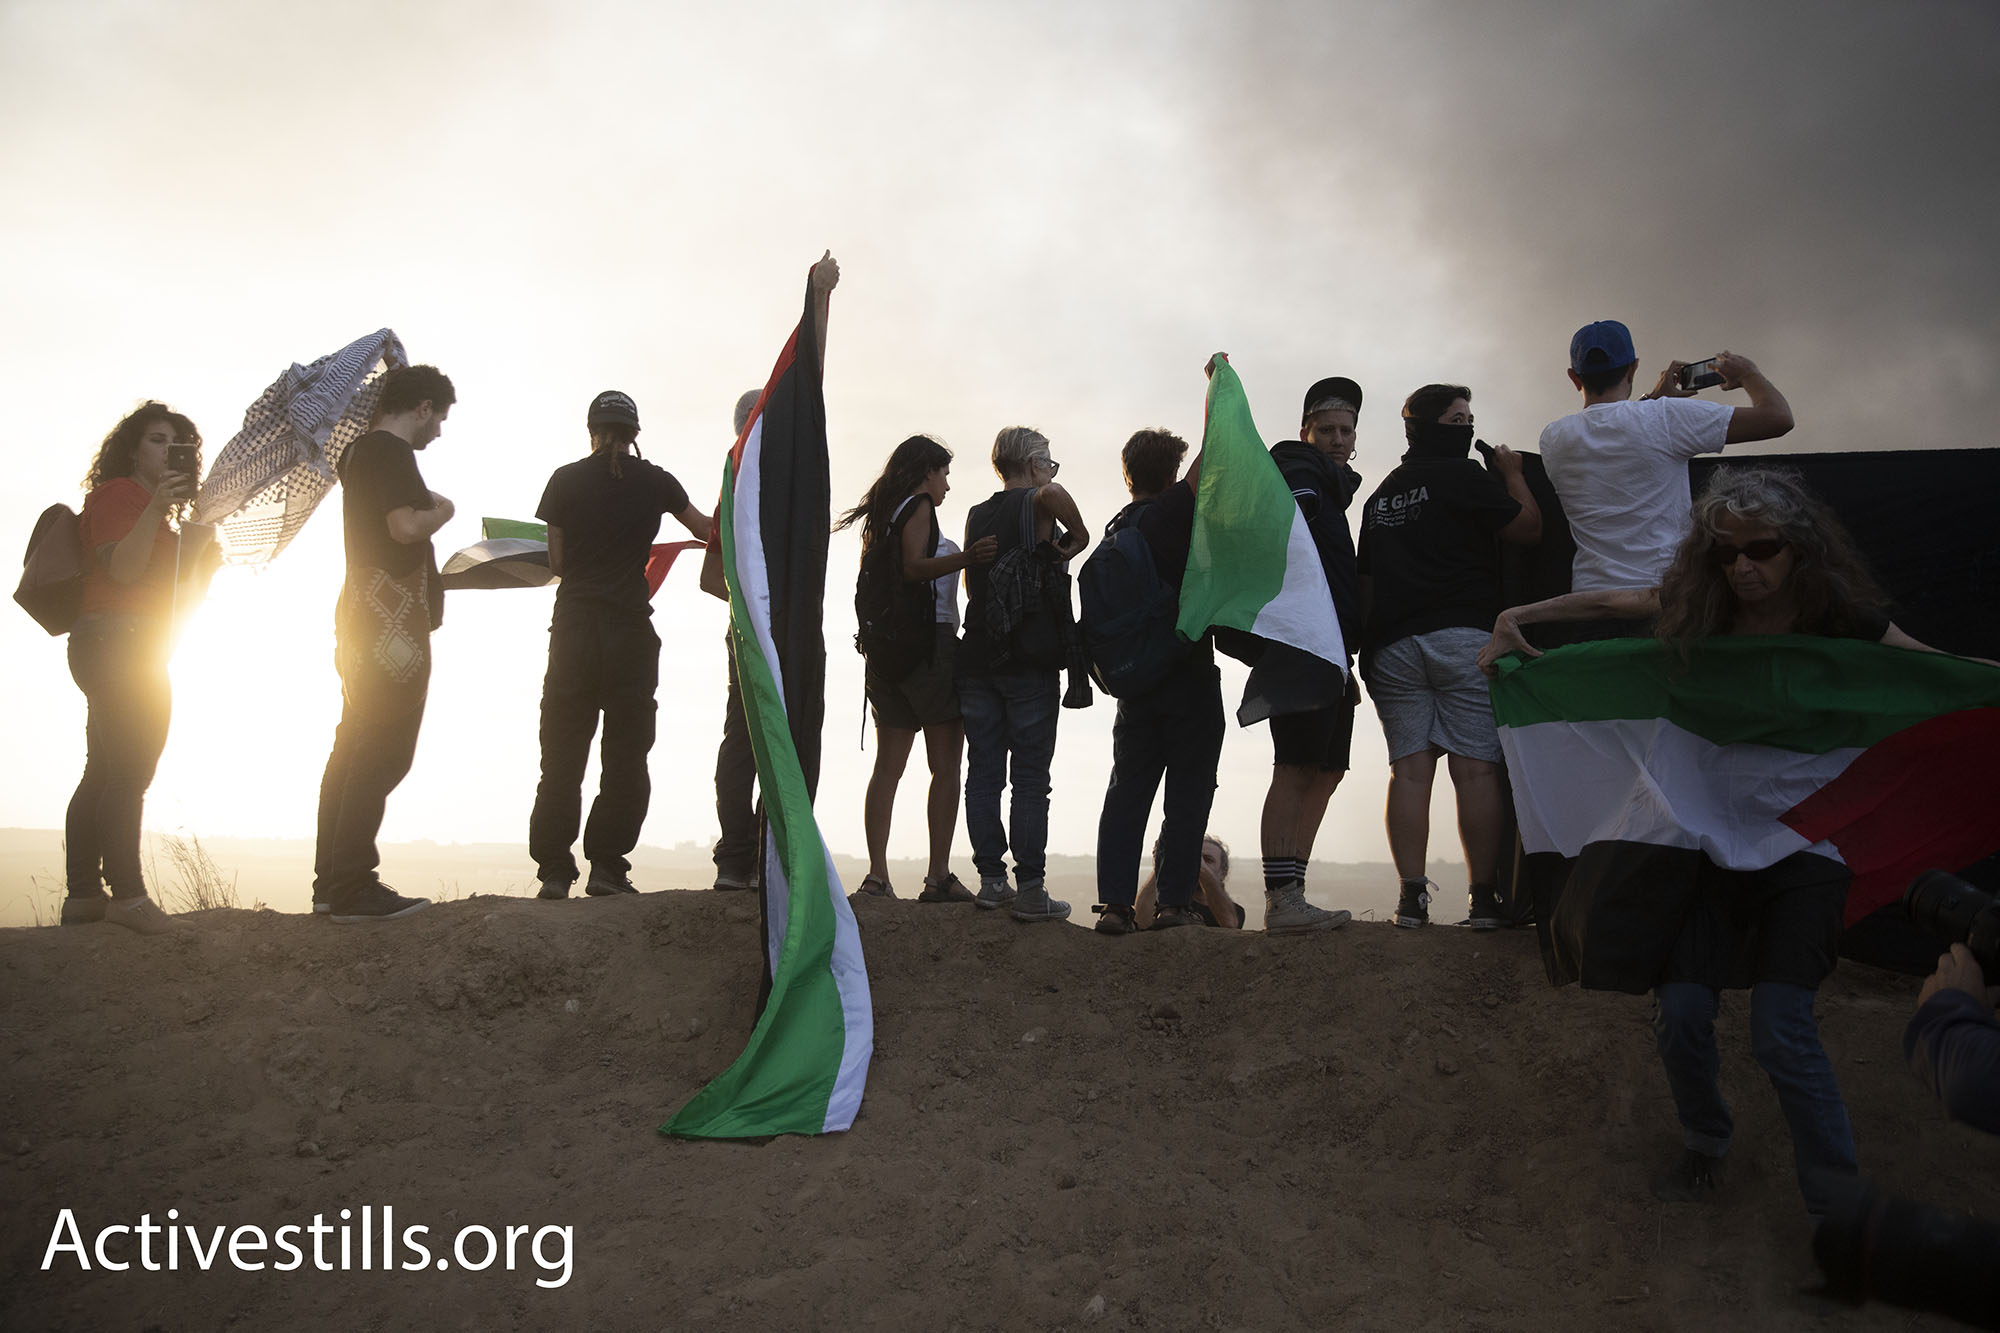 """פעילים מקבוצת """"יהודים למען שיבה"""" מפגינים בסולידריות עם עזה . 5 באוקטובר 2018 (אורן זיו / אקטיבסטילס)"""